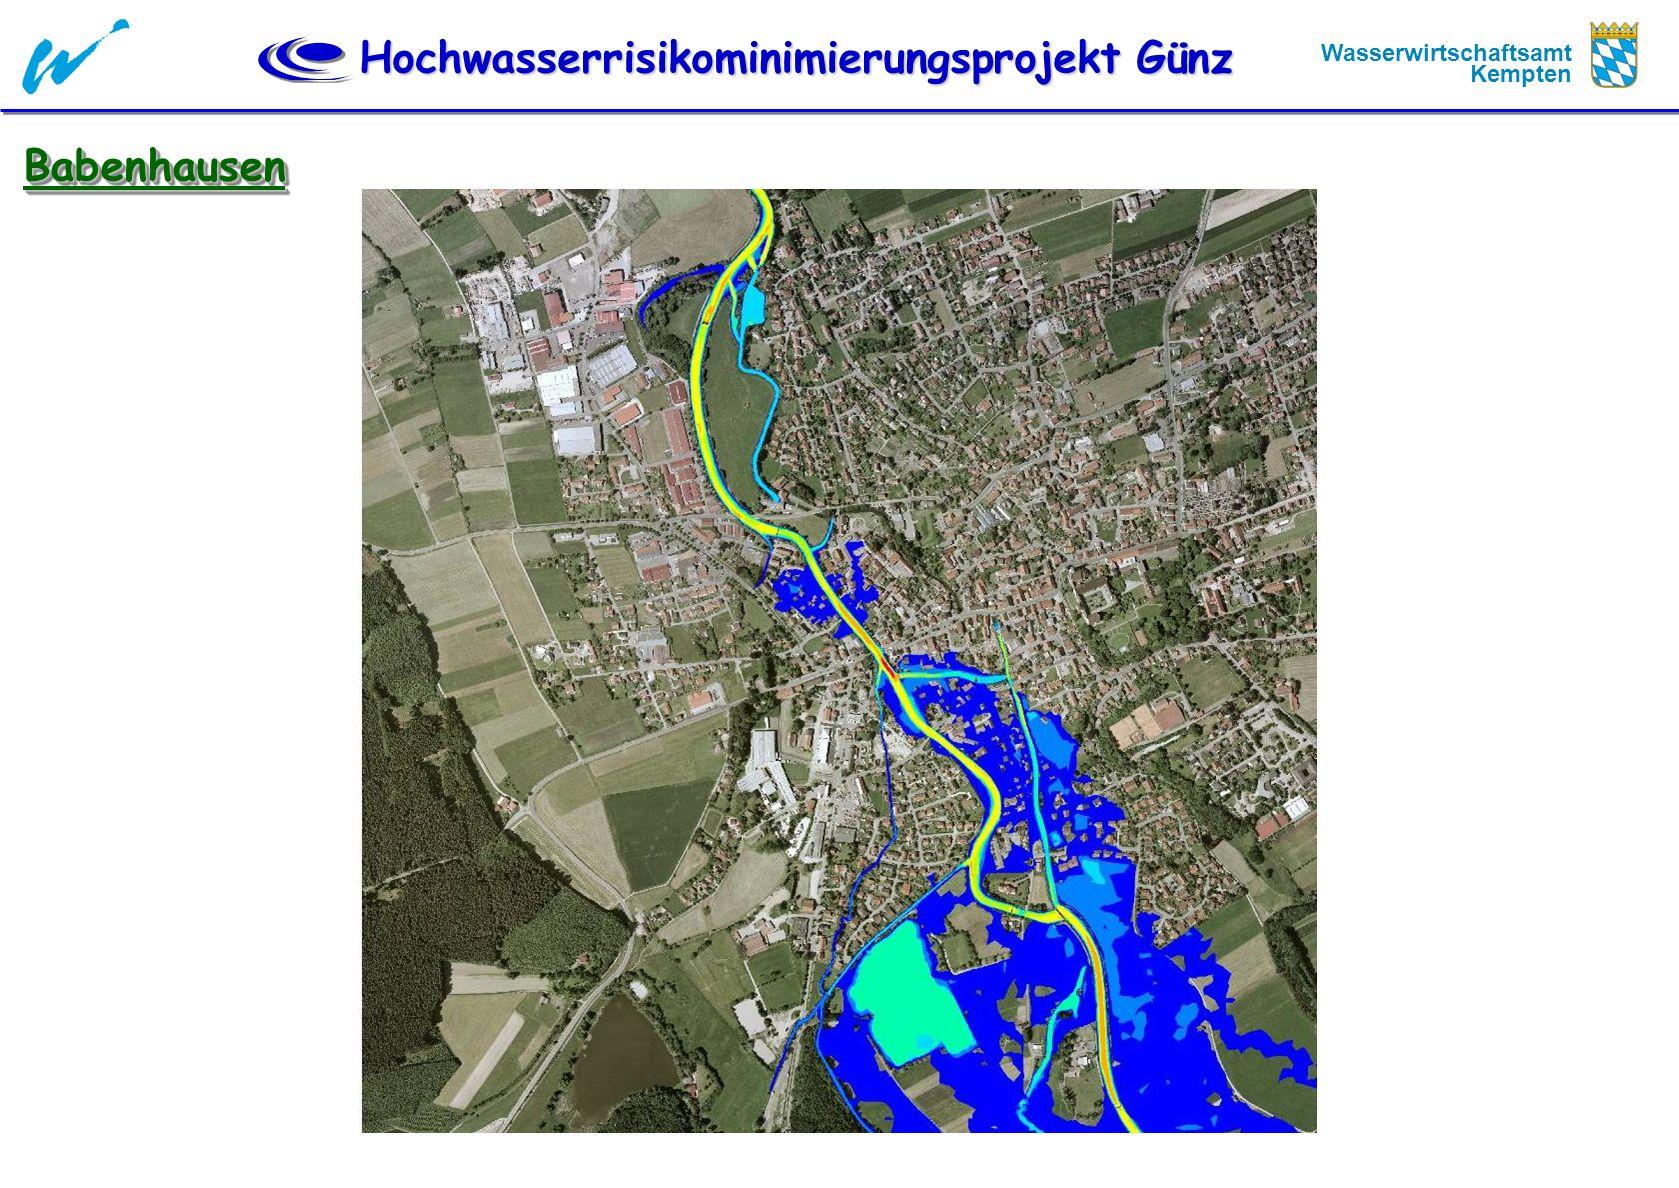 Hochwasserrisikominimierungsprojekt Günz Wasserwirtschaftsamt Kempten Technische Planung Strategische Überlegungen - Zusammenfassung Der Hochwasserschutz kann wegen der örtlichen Gegebenheiten nur durch Rückhalt realisiert werden.